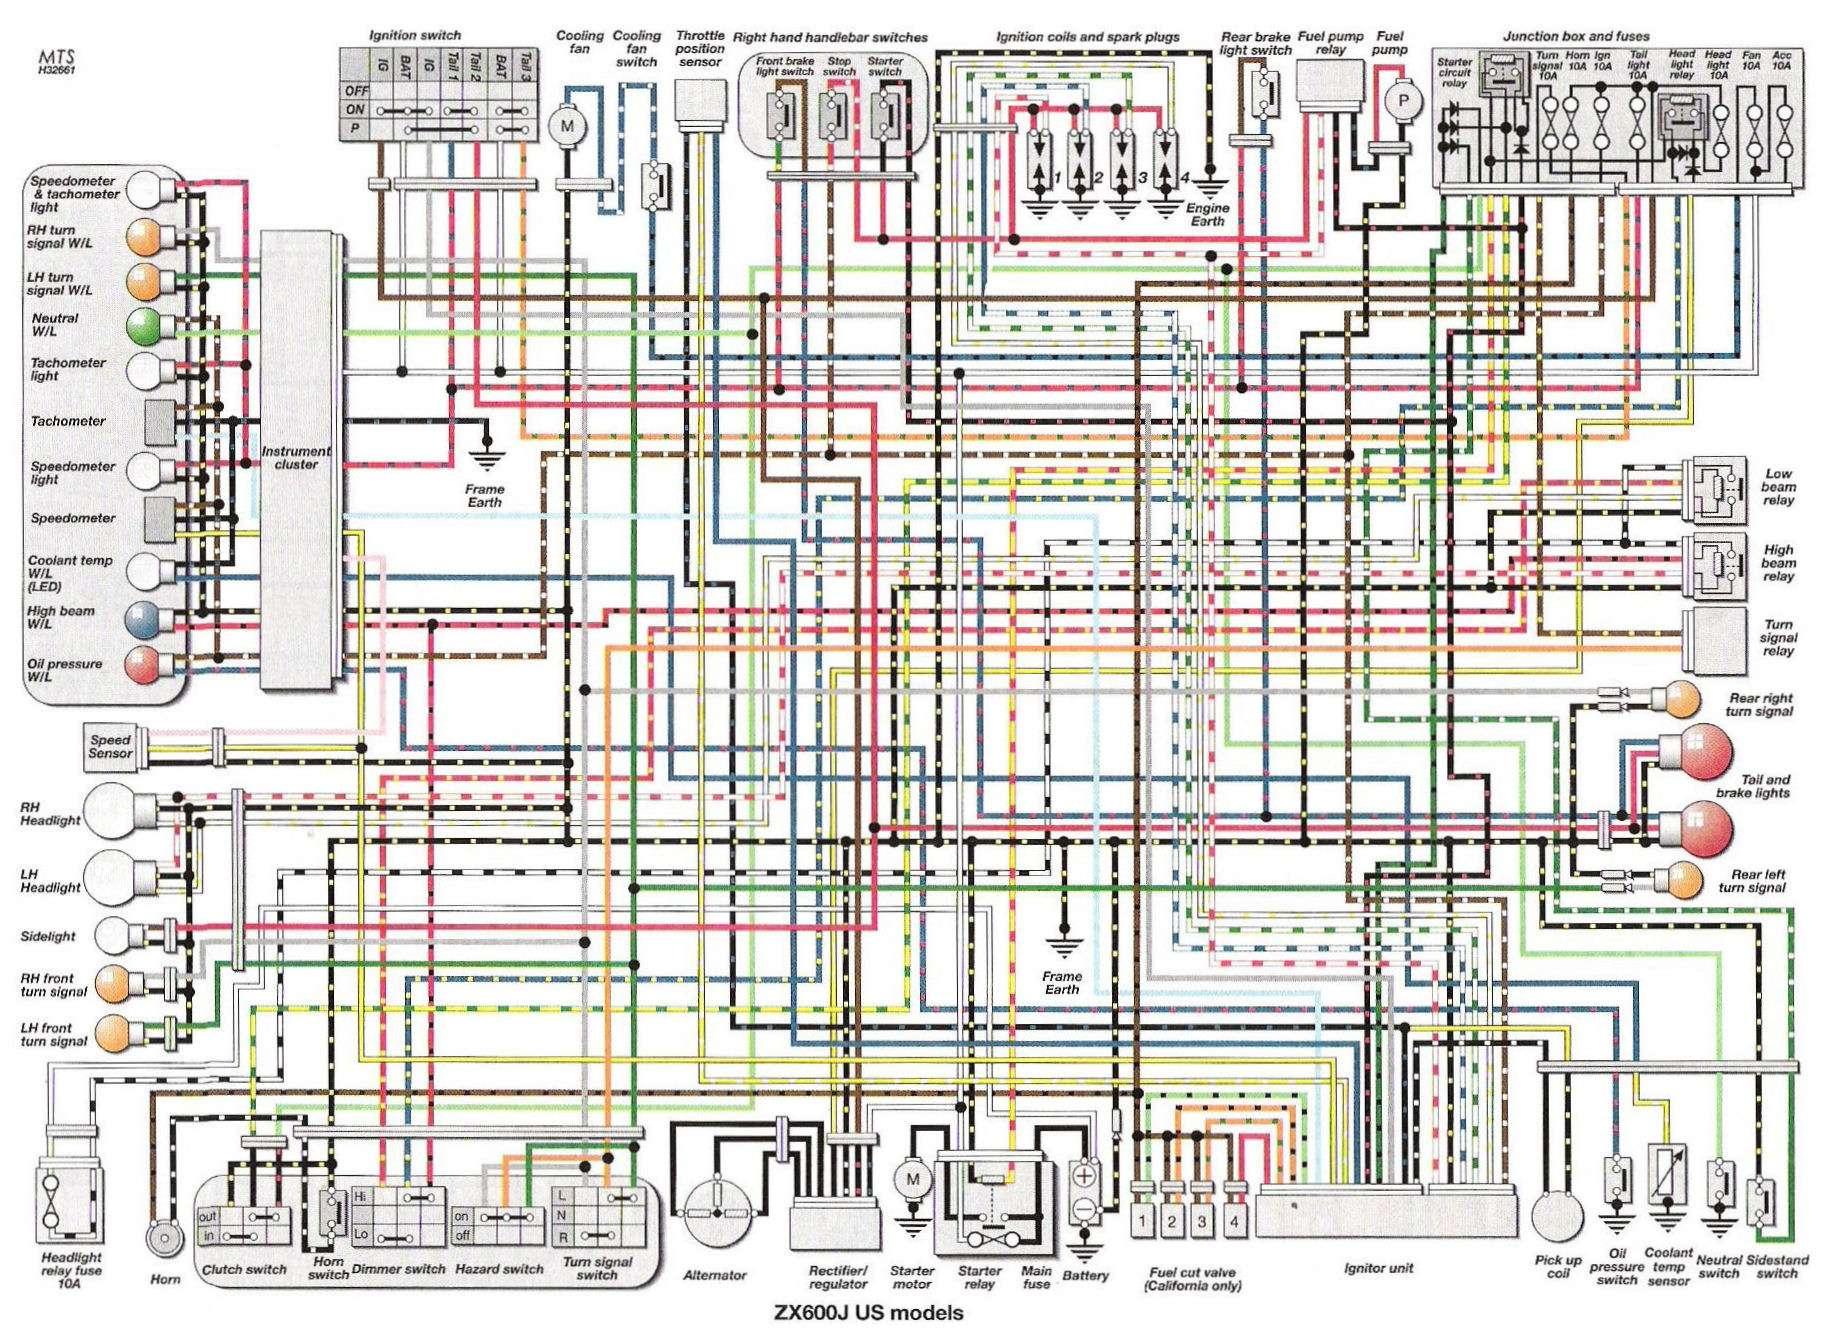 [SCHEMATICS_4US]  Kawasaki Ninja Zx600 Wiring Schematic -Toyota Probox Pimped | Begeboy Wiring  Diagram Source | Kawasaki 2003 636 Wiring Diagram |  | Begeboy Wiring Diagram Source